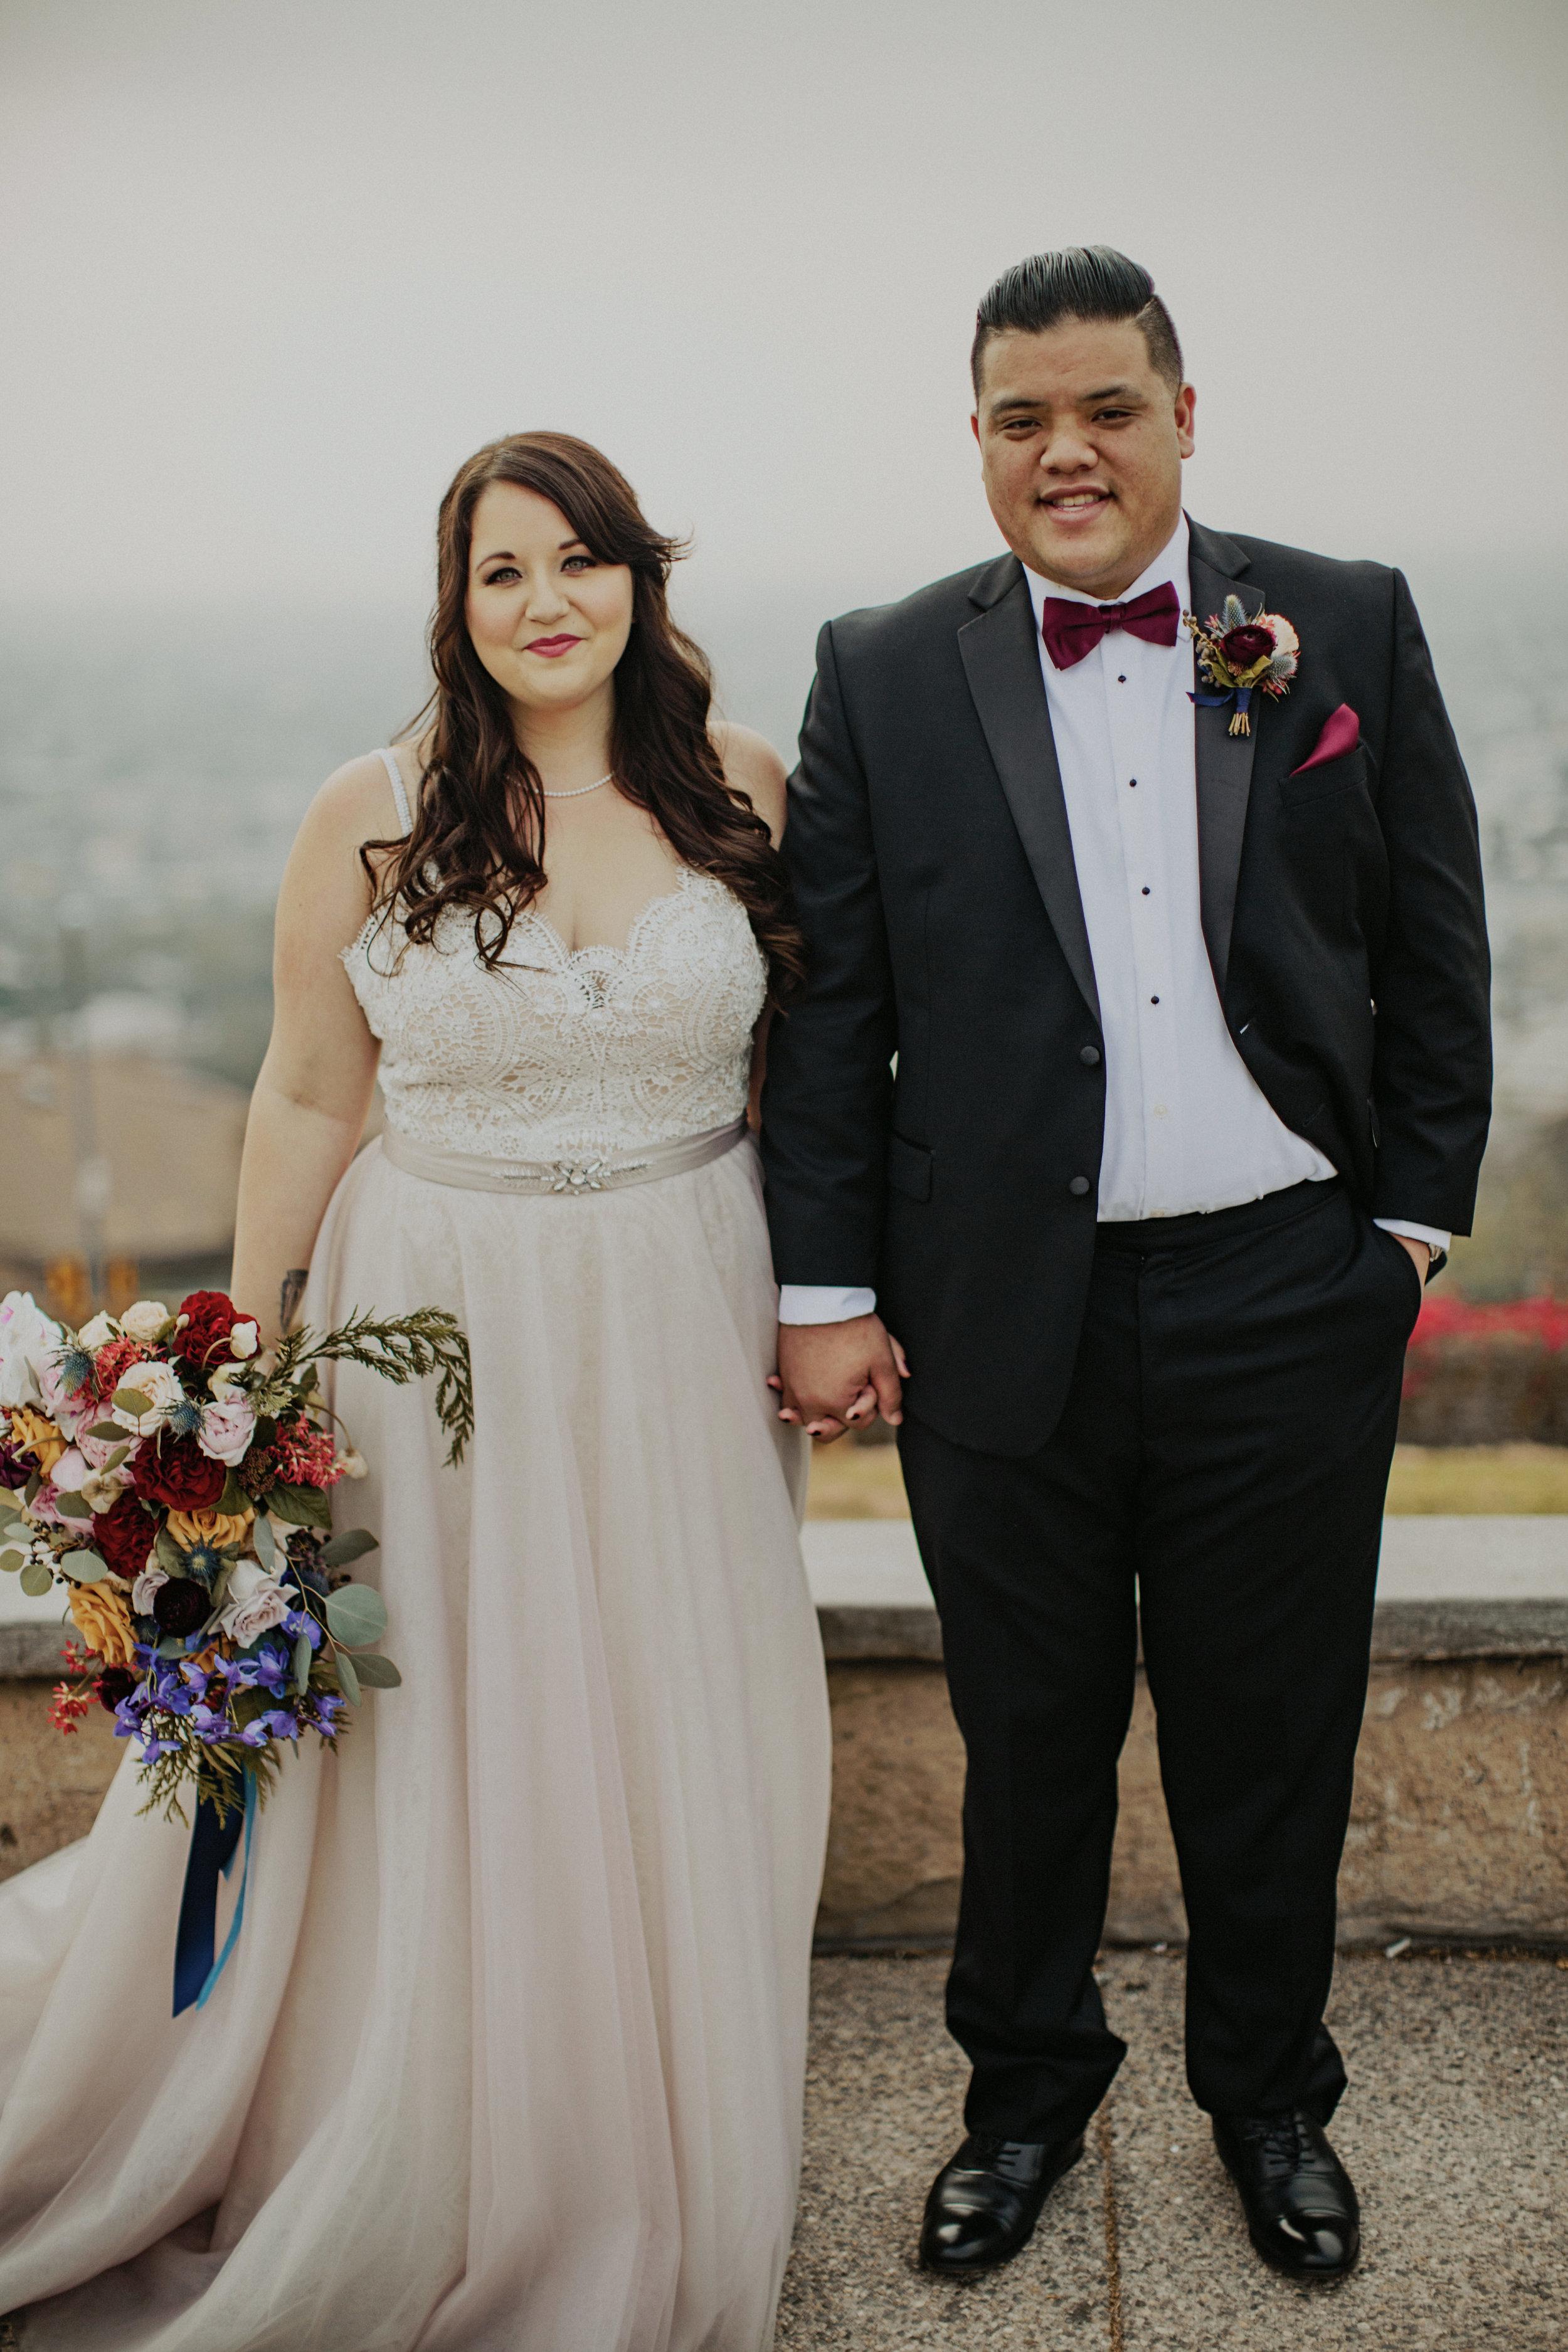 Nikki & Anthony Wedding 141.JPG